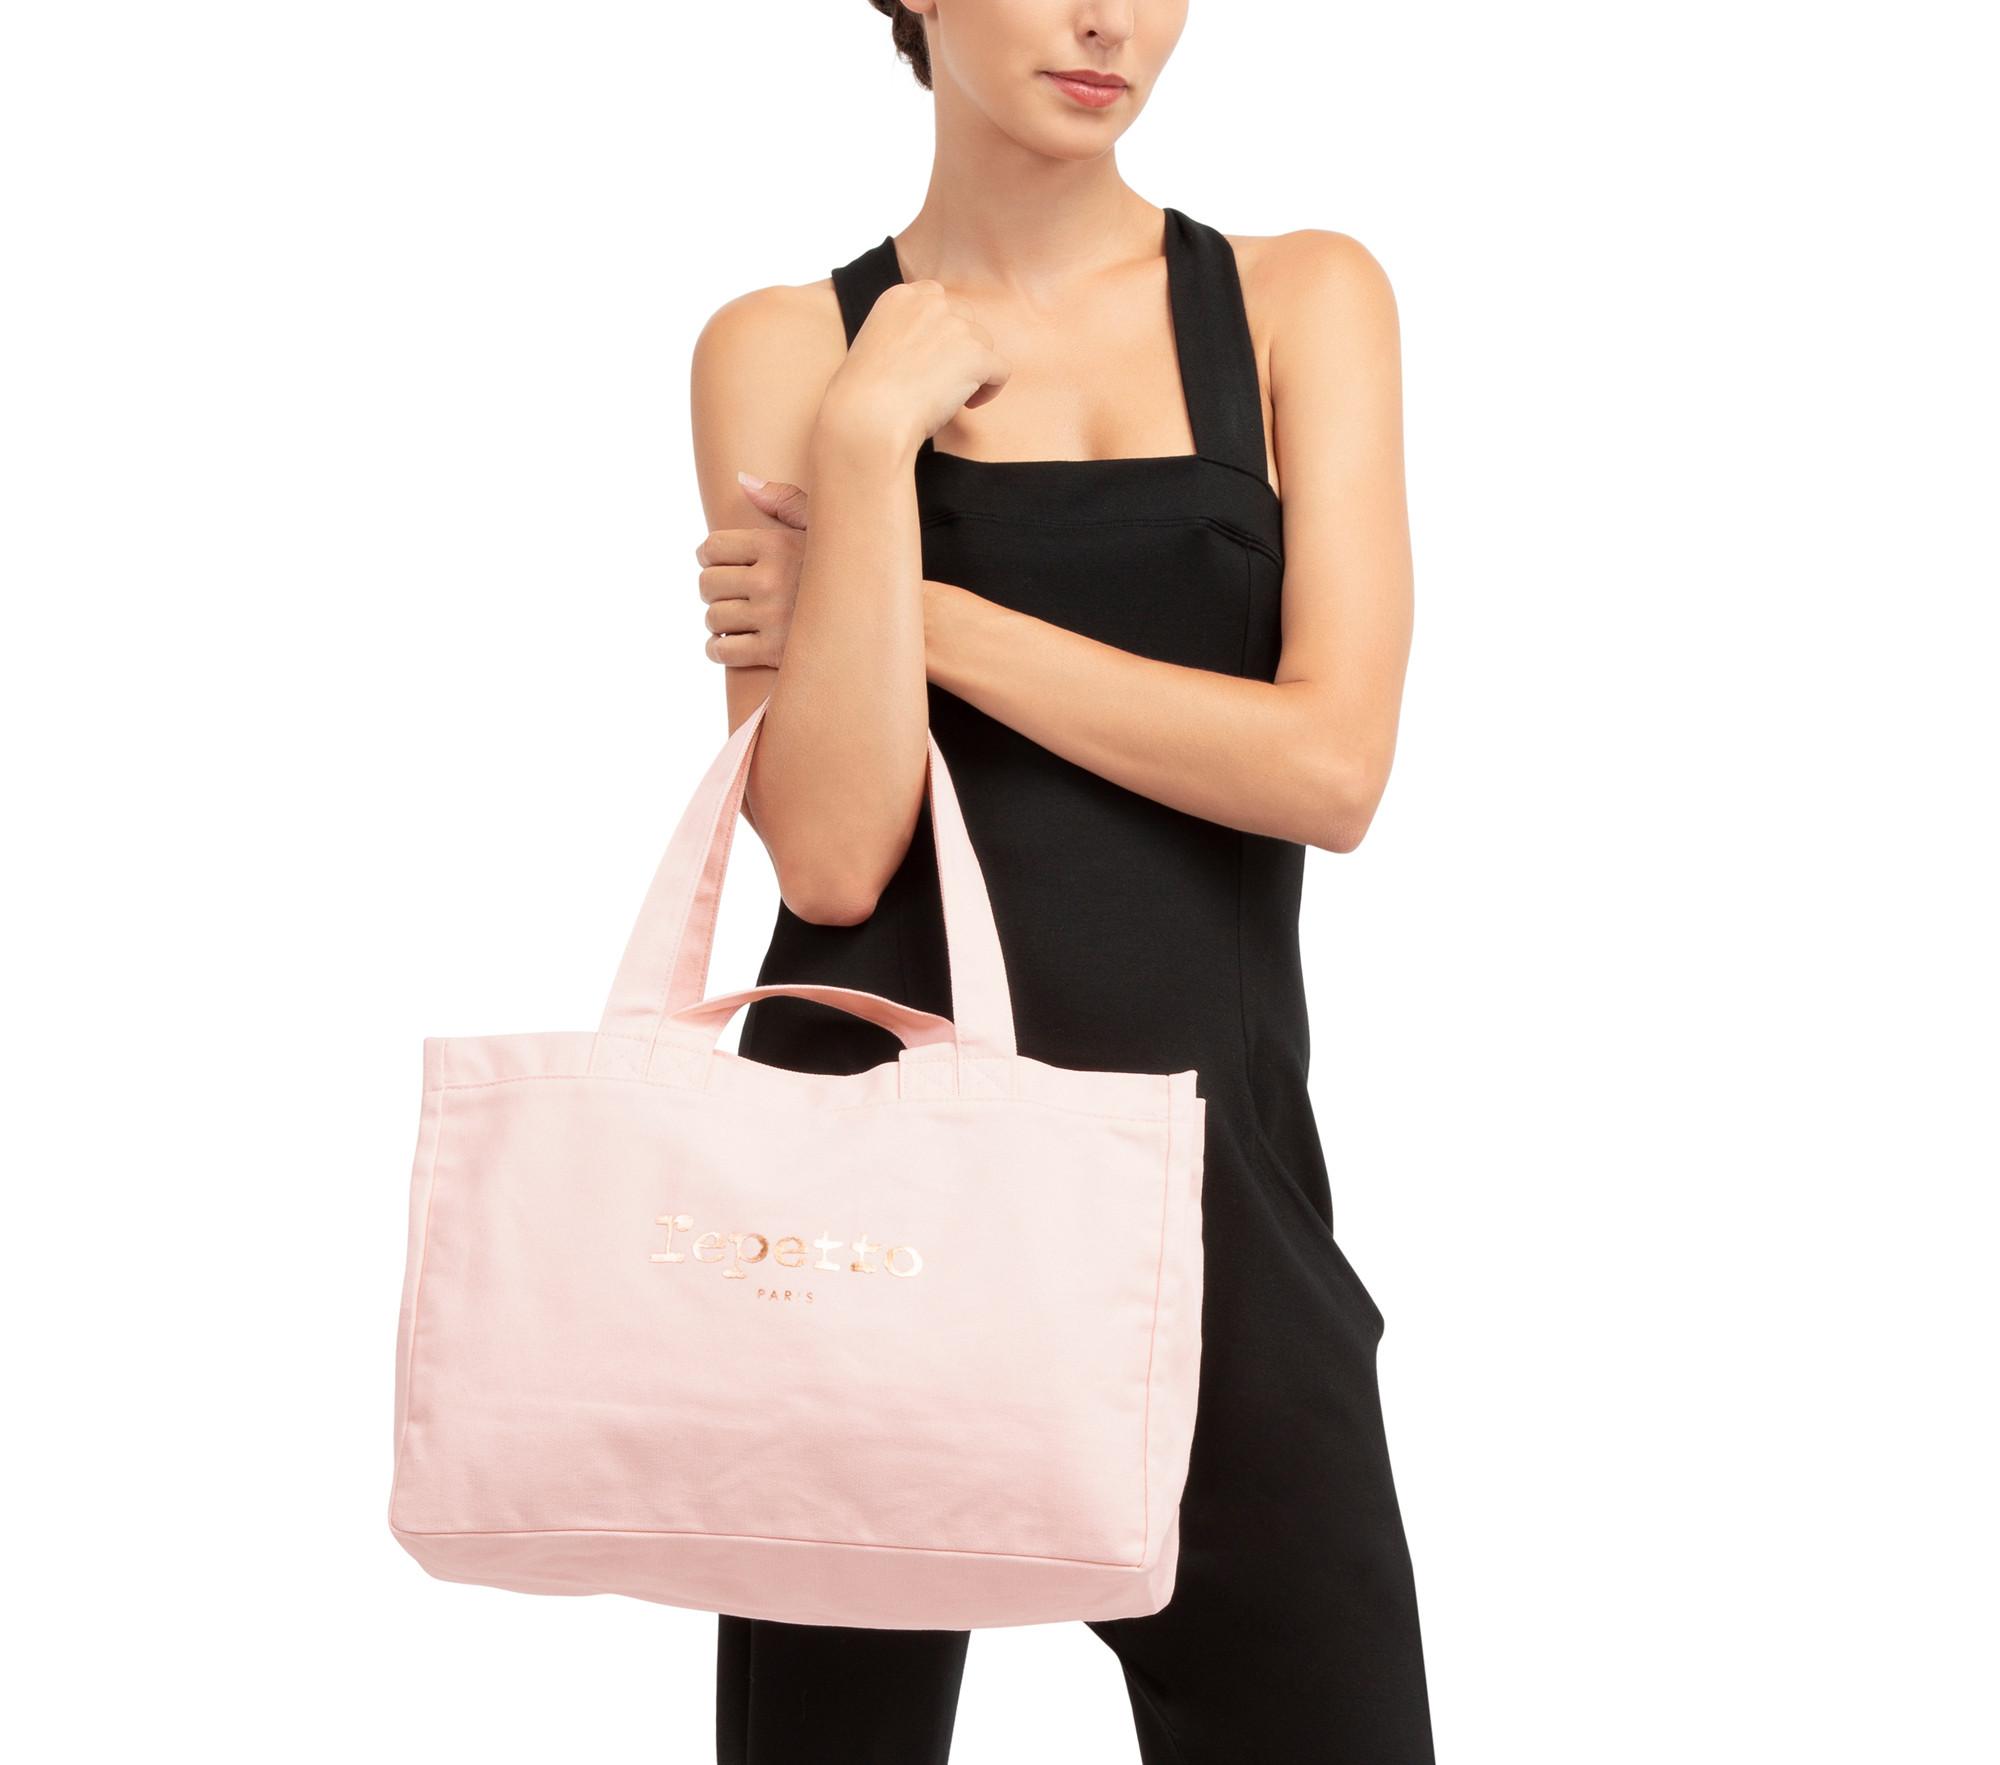 Ballerine shopping bag